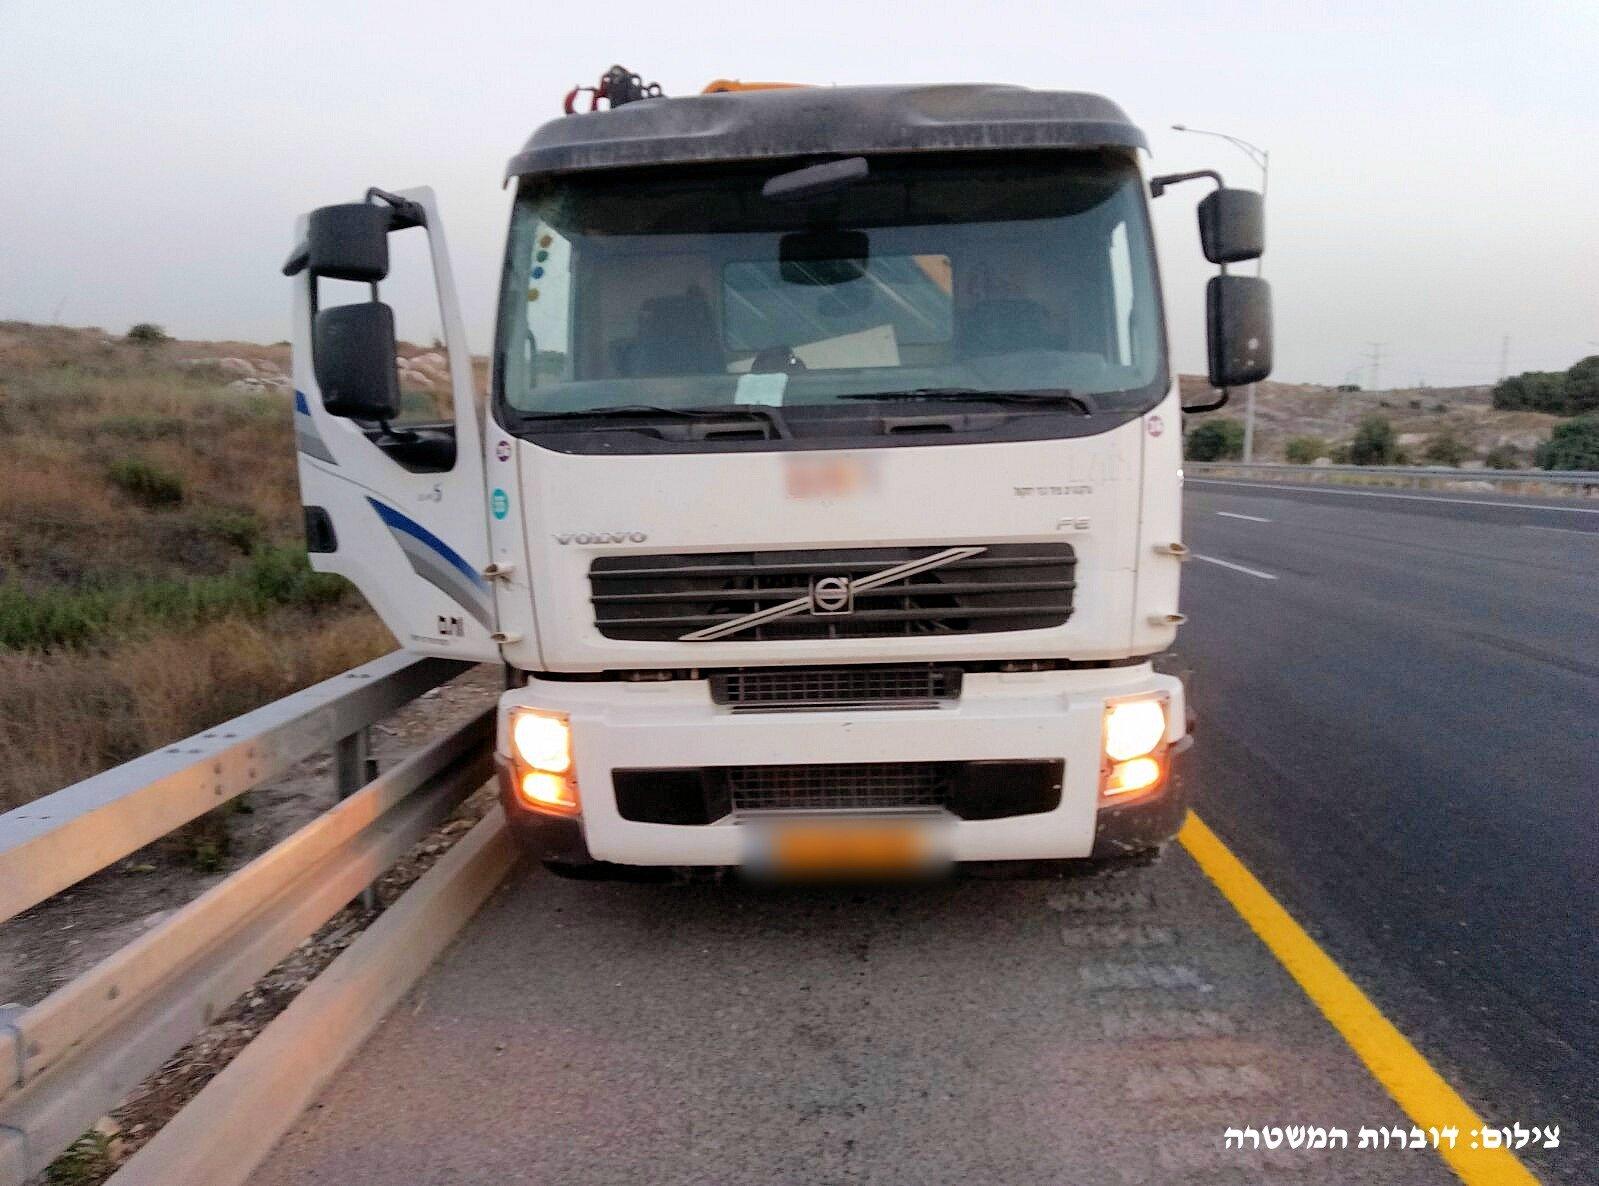 اعتقال مواطن من دبورية ضبط وهو يقود شاحنة مسروقة